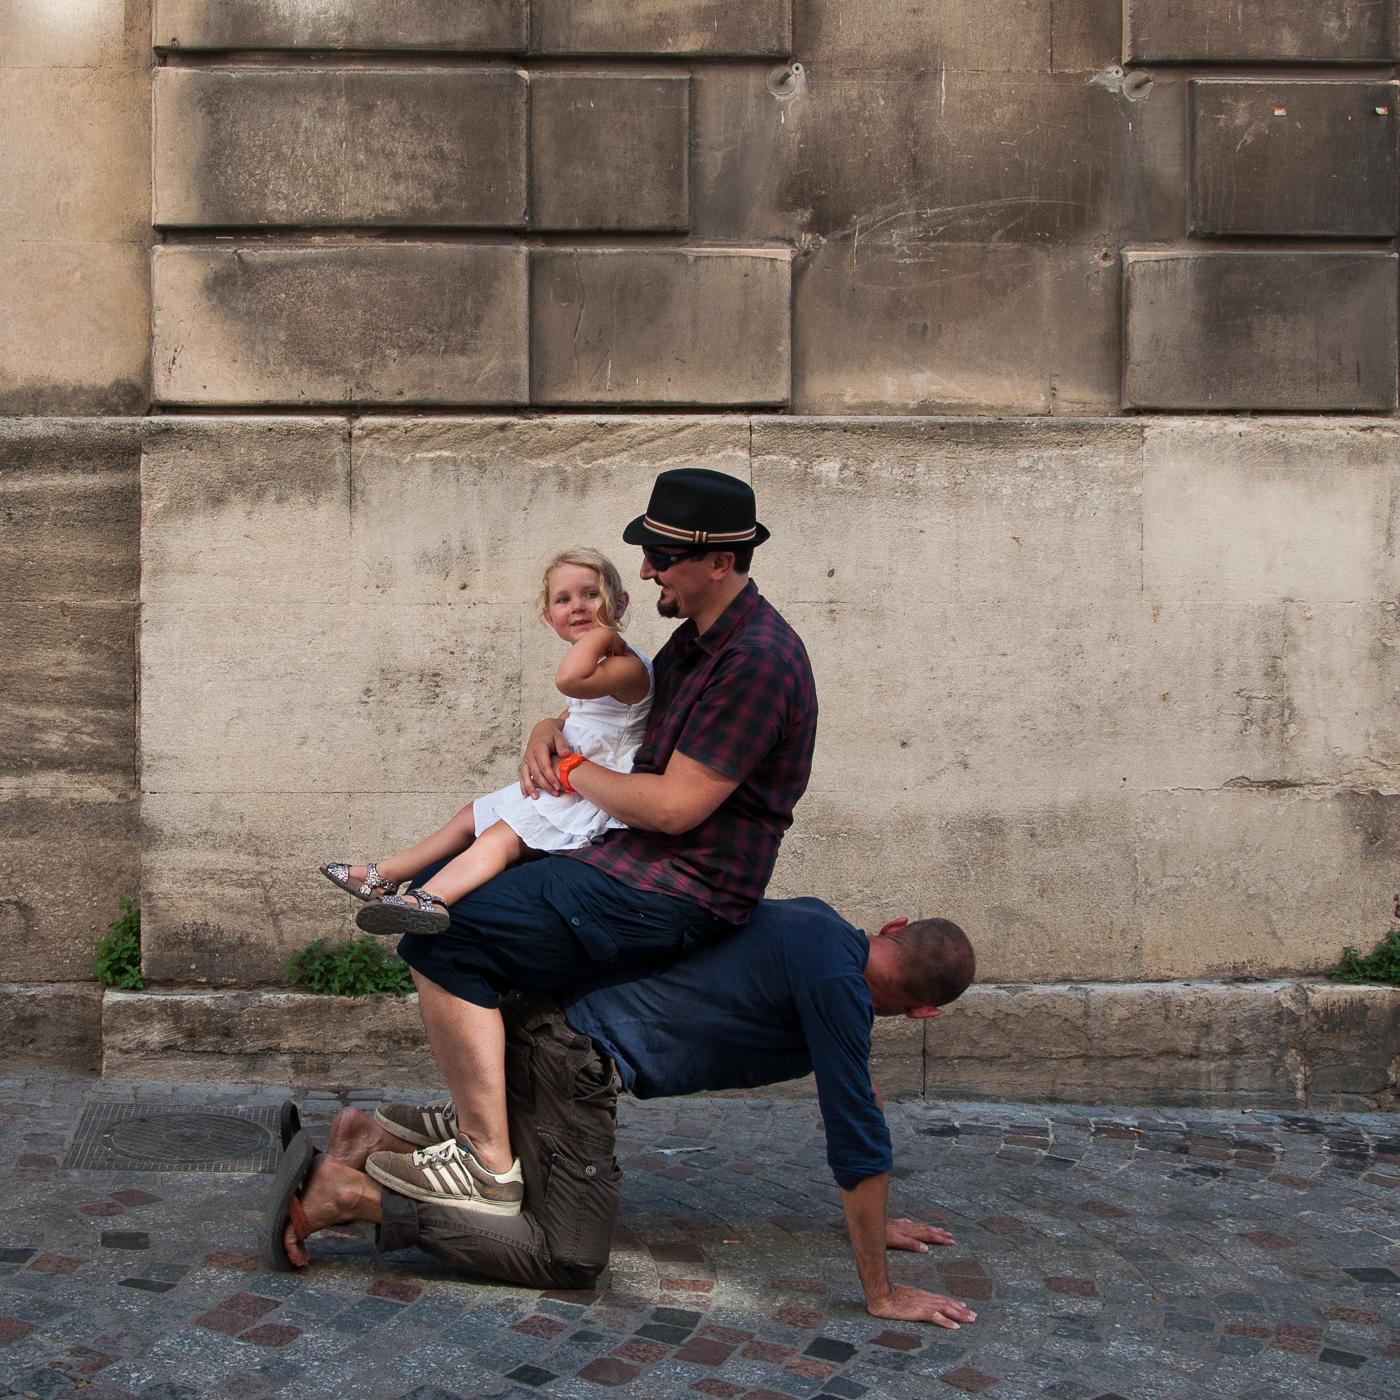 Arles_2015_-_Père_et_fille